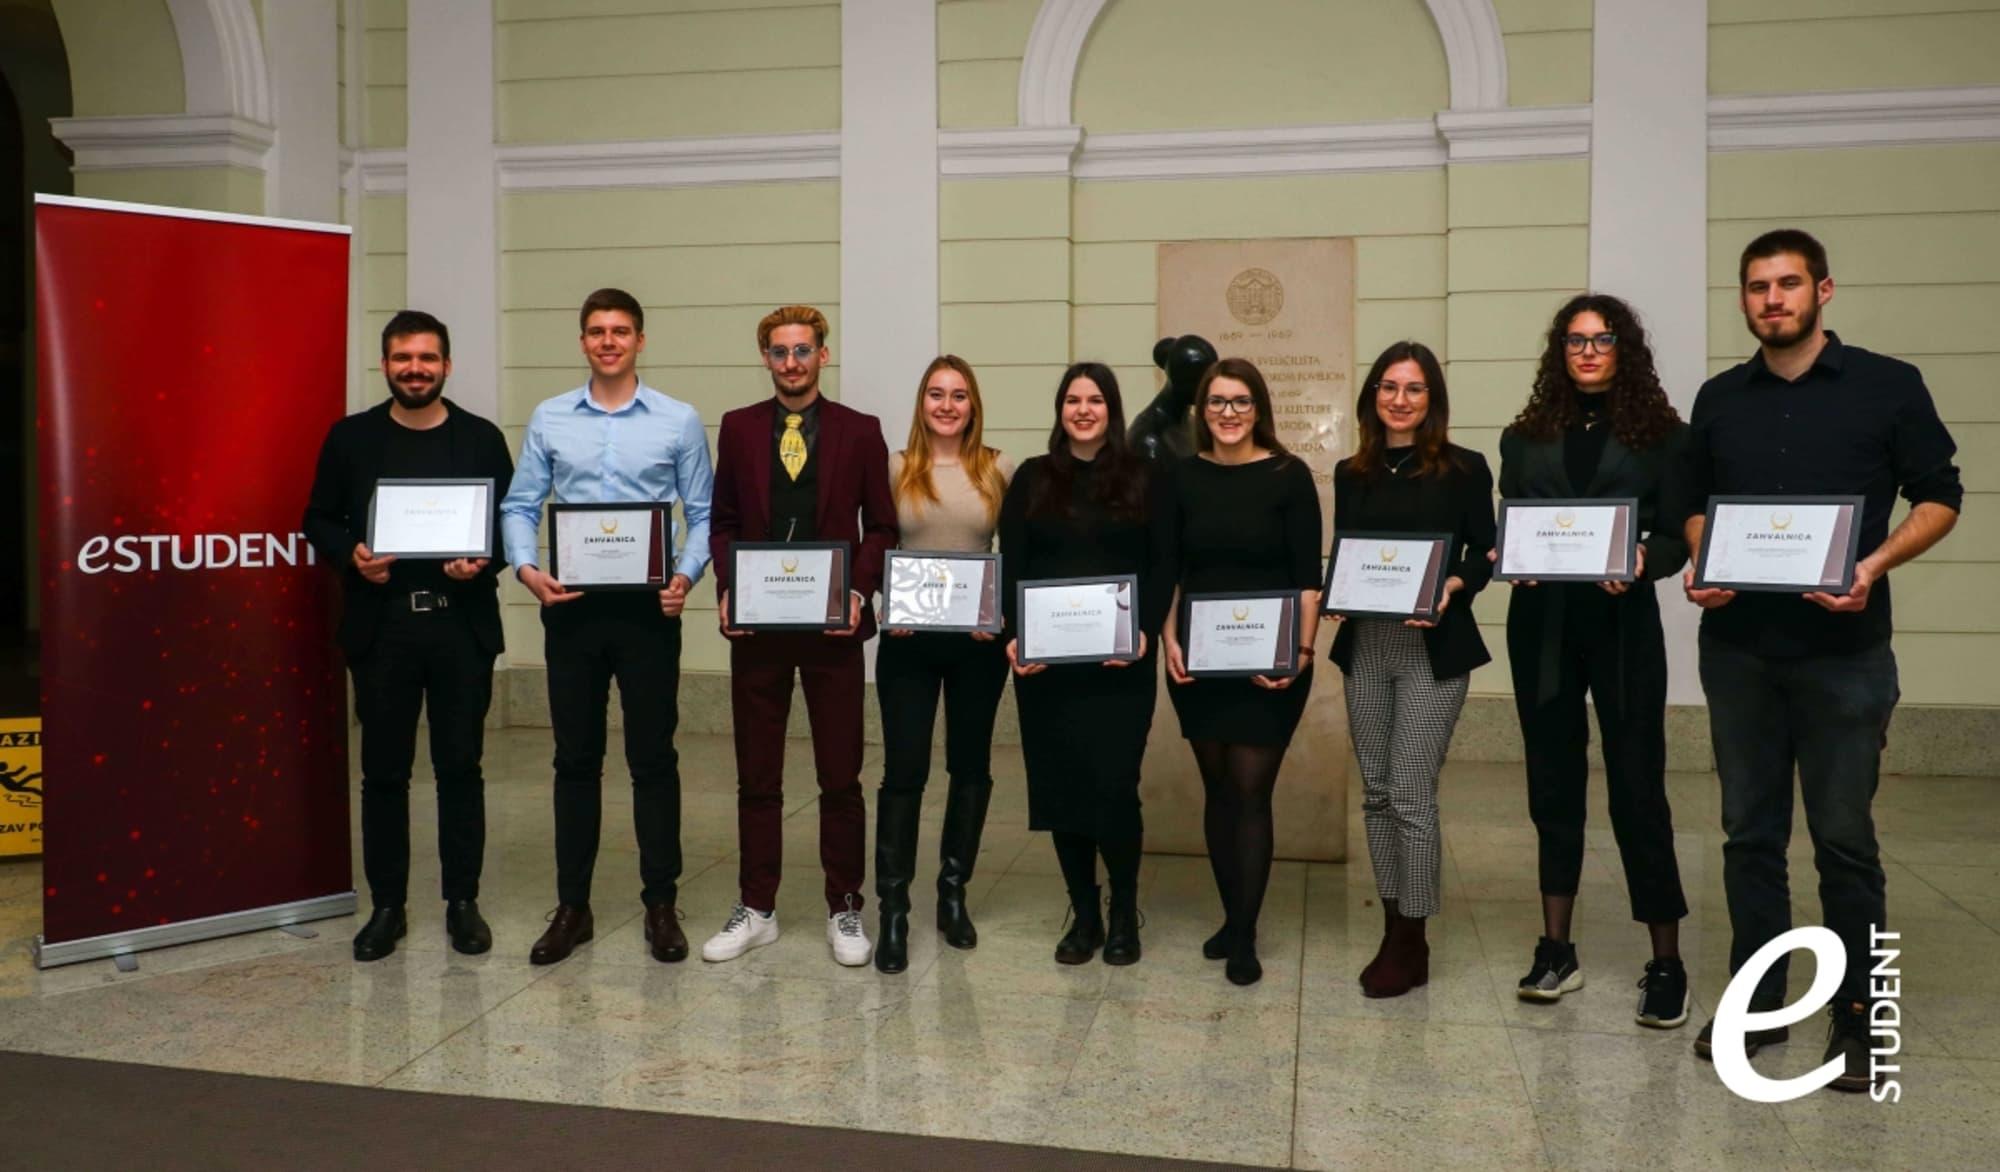 Pobjednici su odabrani! - Studenti odlučili koja to poduzeća zaslužuju Zlatni indeks